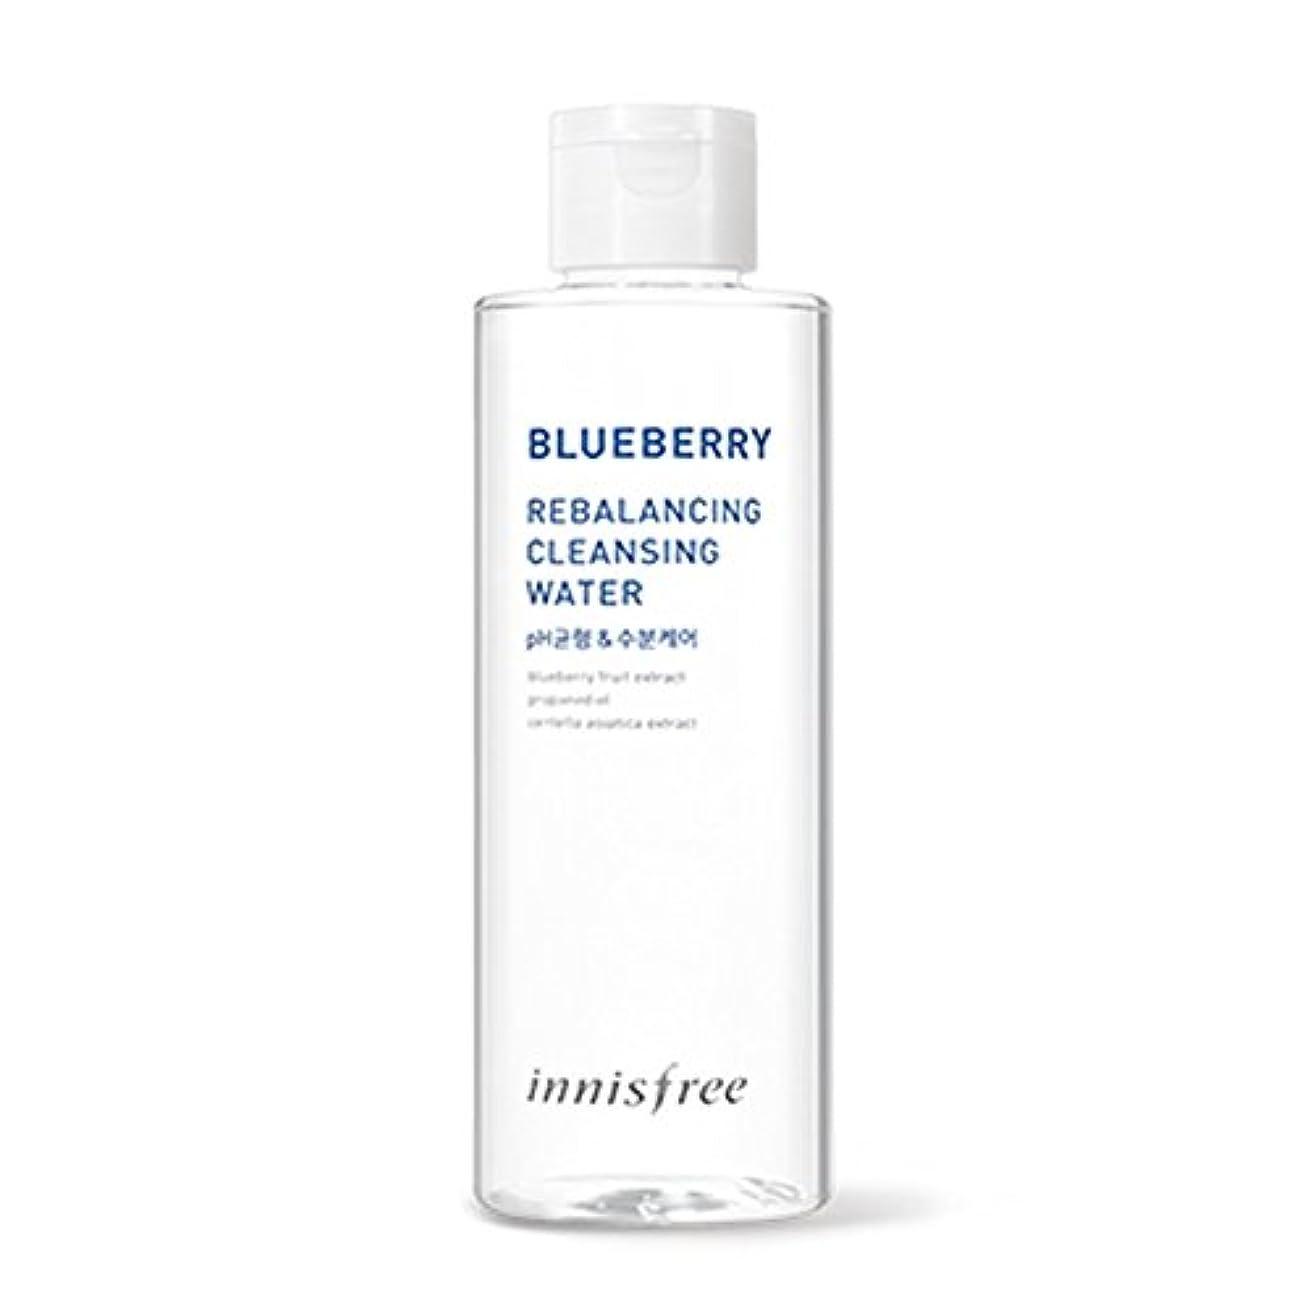 二十買収またねイニスフリーブルーベリーリバランシングクレンジングウォーター200ml Innisfree Blueberry Rebalancing Cleansing Water 200ml [海外直送品][並行輸入品]